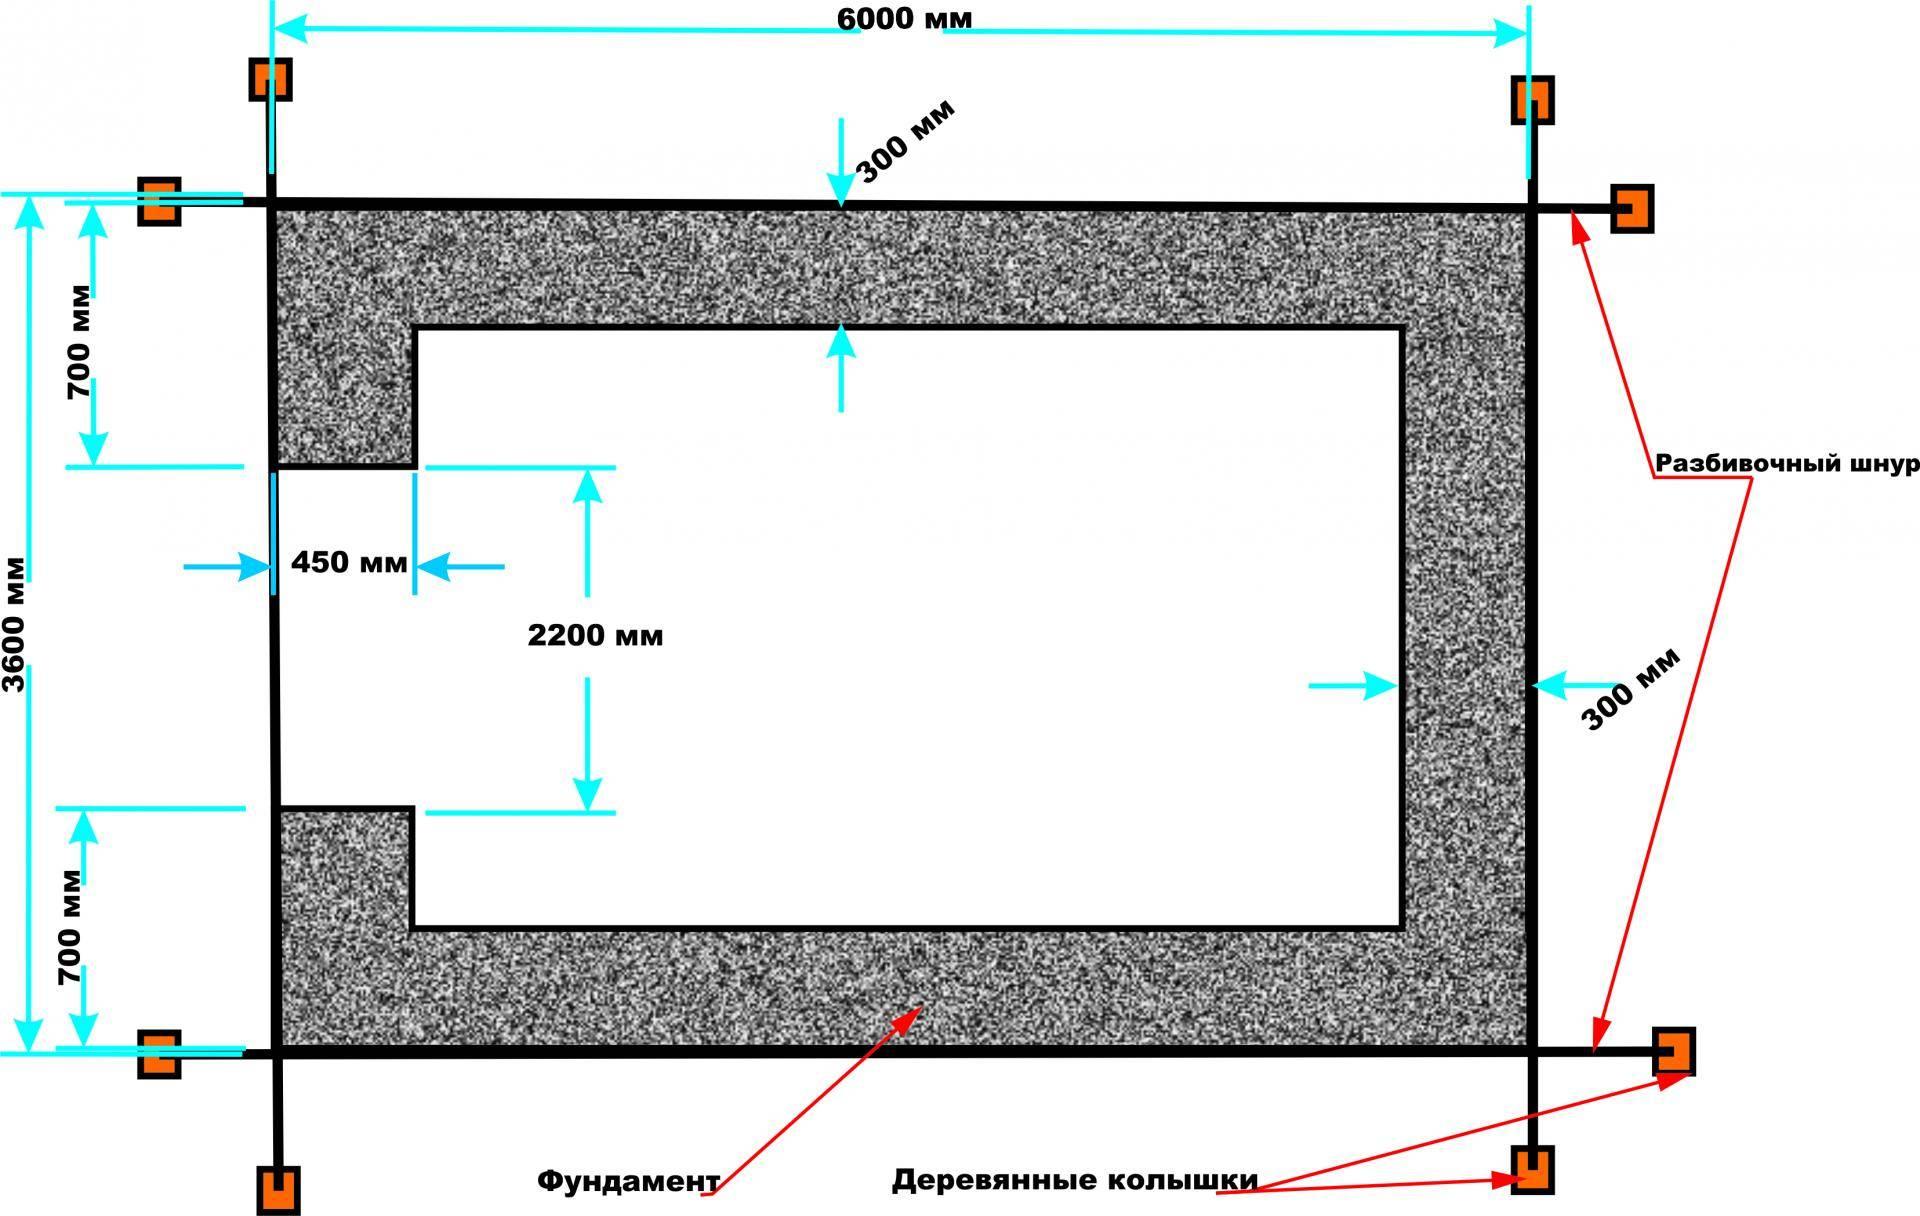 Фундамент под гараж – описание технологии строительства и выбор оптимального типа